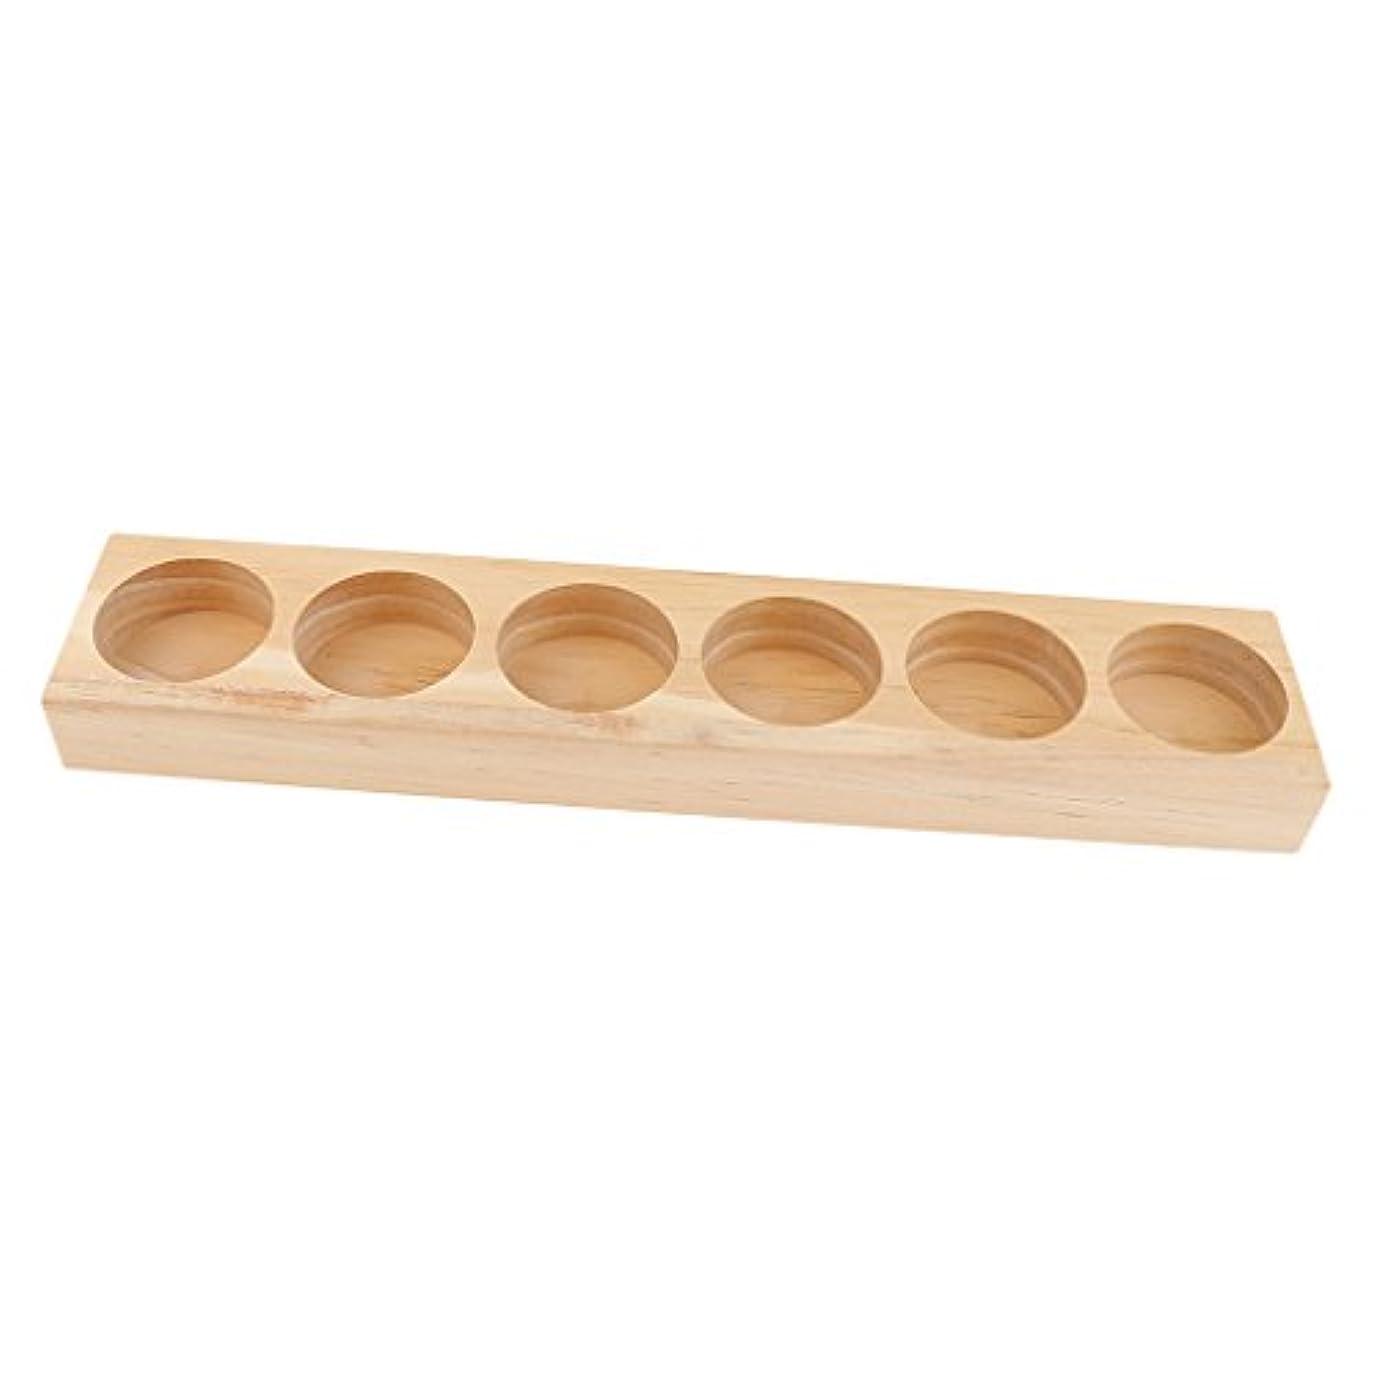 サーバ軽蔑店主エッセンシャルオイル ホルダー 木製 収納ケース ディスプレイ オーガナイザー 全5タイプ - 21.8x4.3x1.8cm